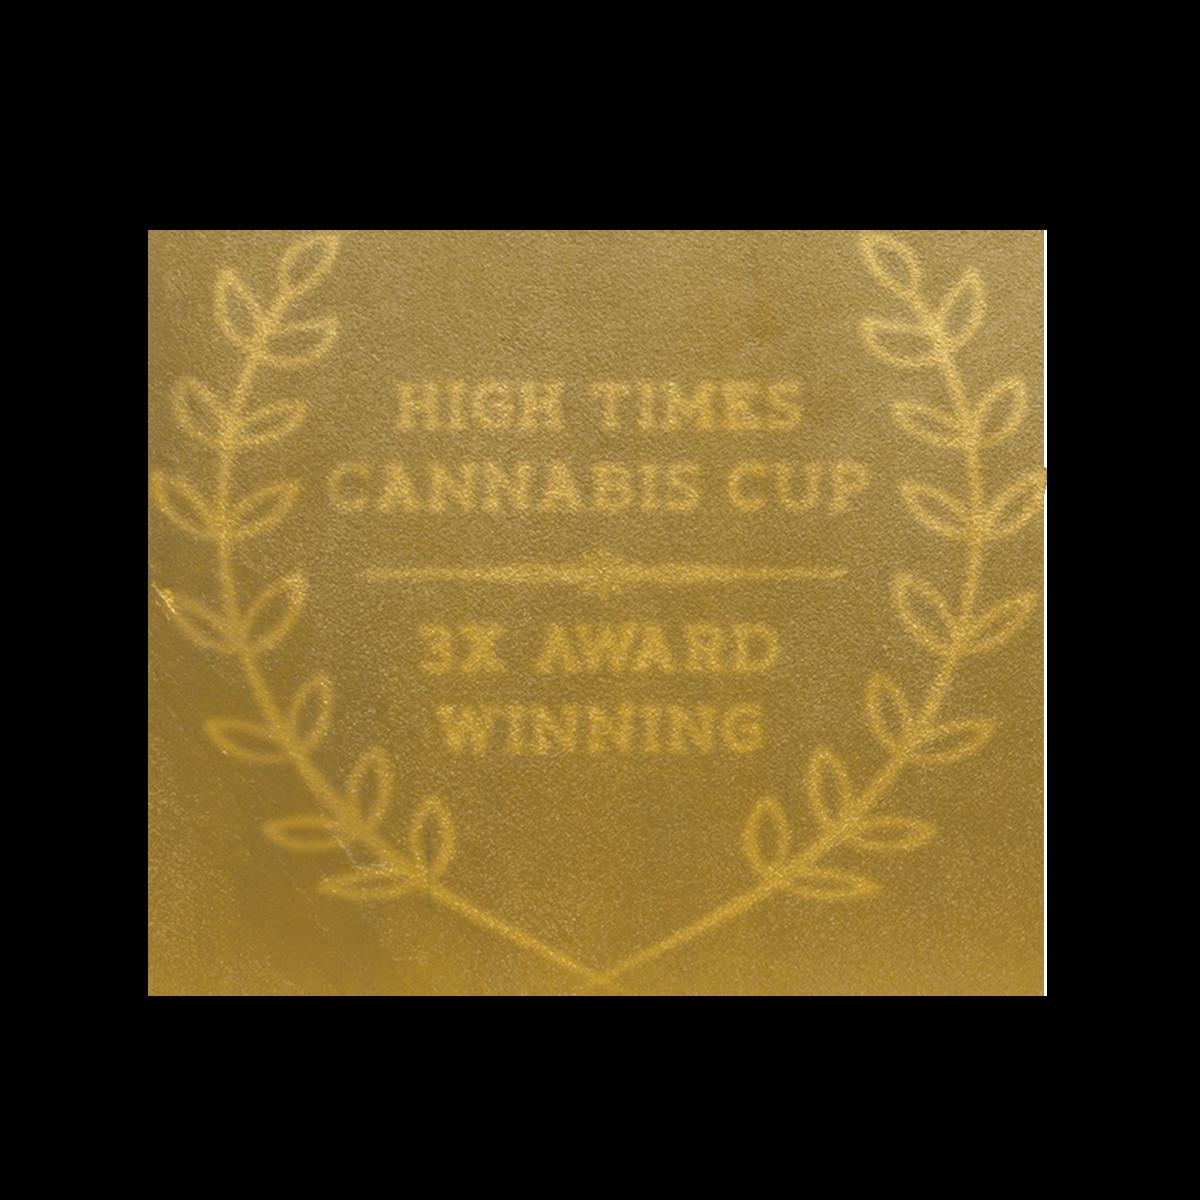 HTCC 3x Badge.png